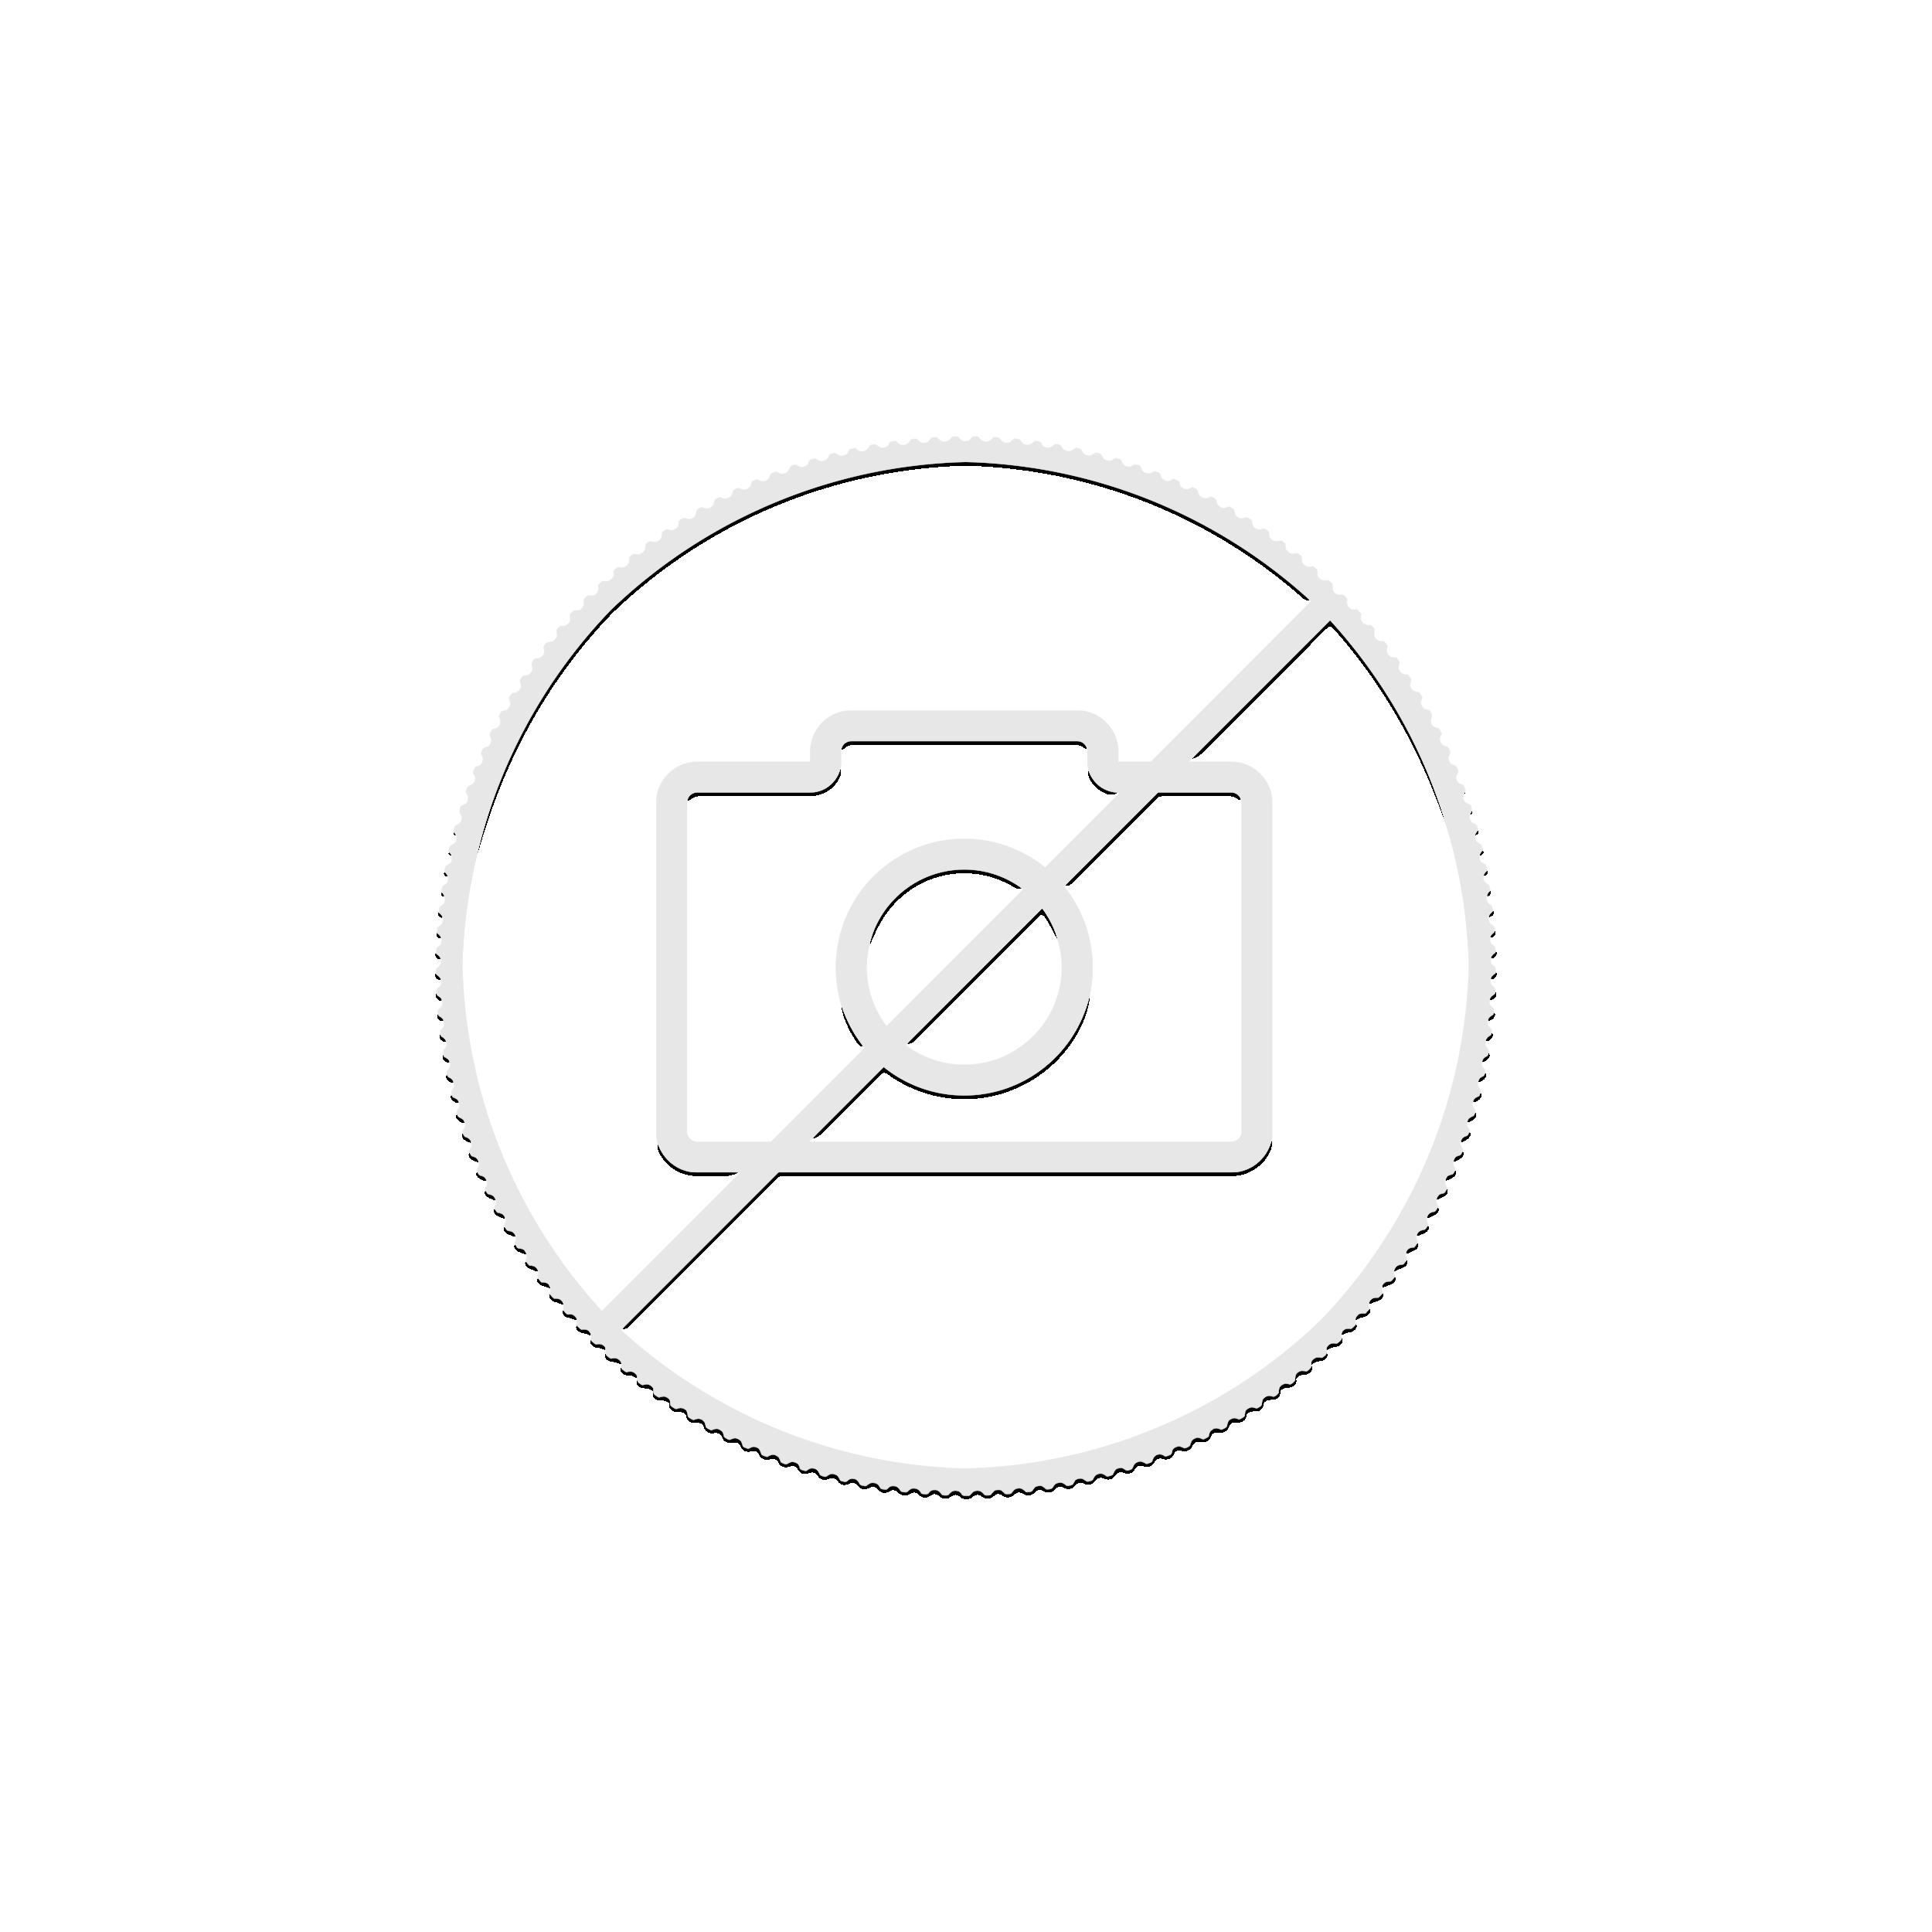 Goudbaar 20 gram Pamp Suisse